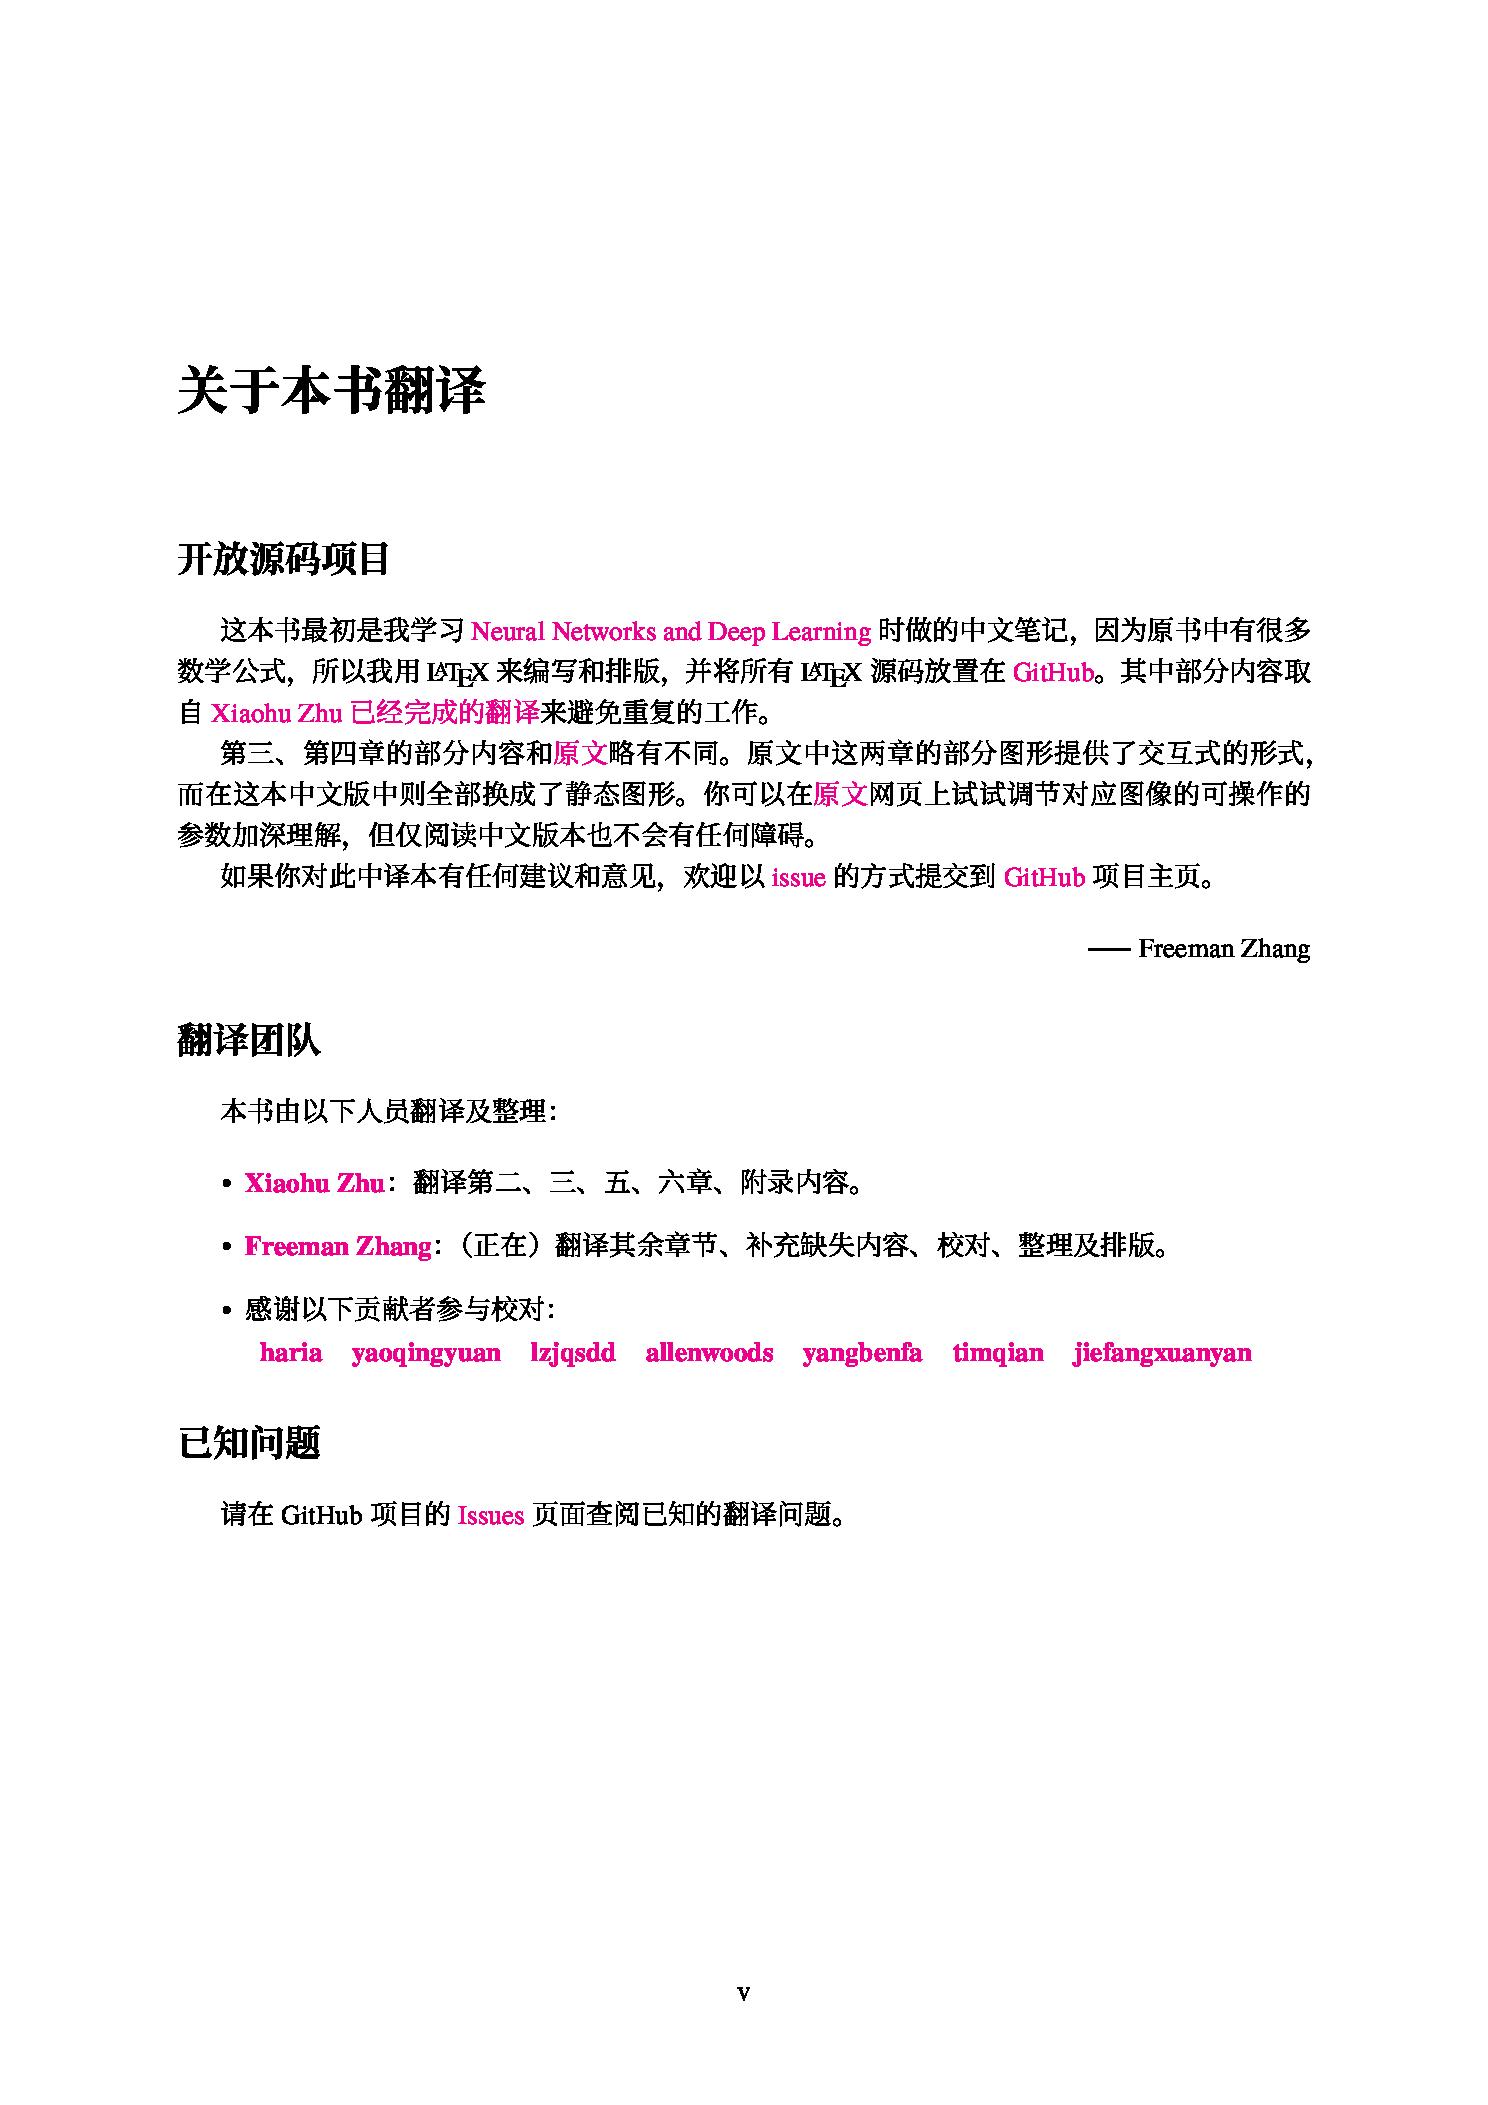 LaTeX 排版的《神经网络与深度学习》中译本